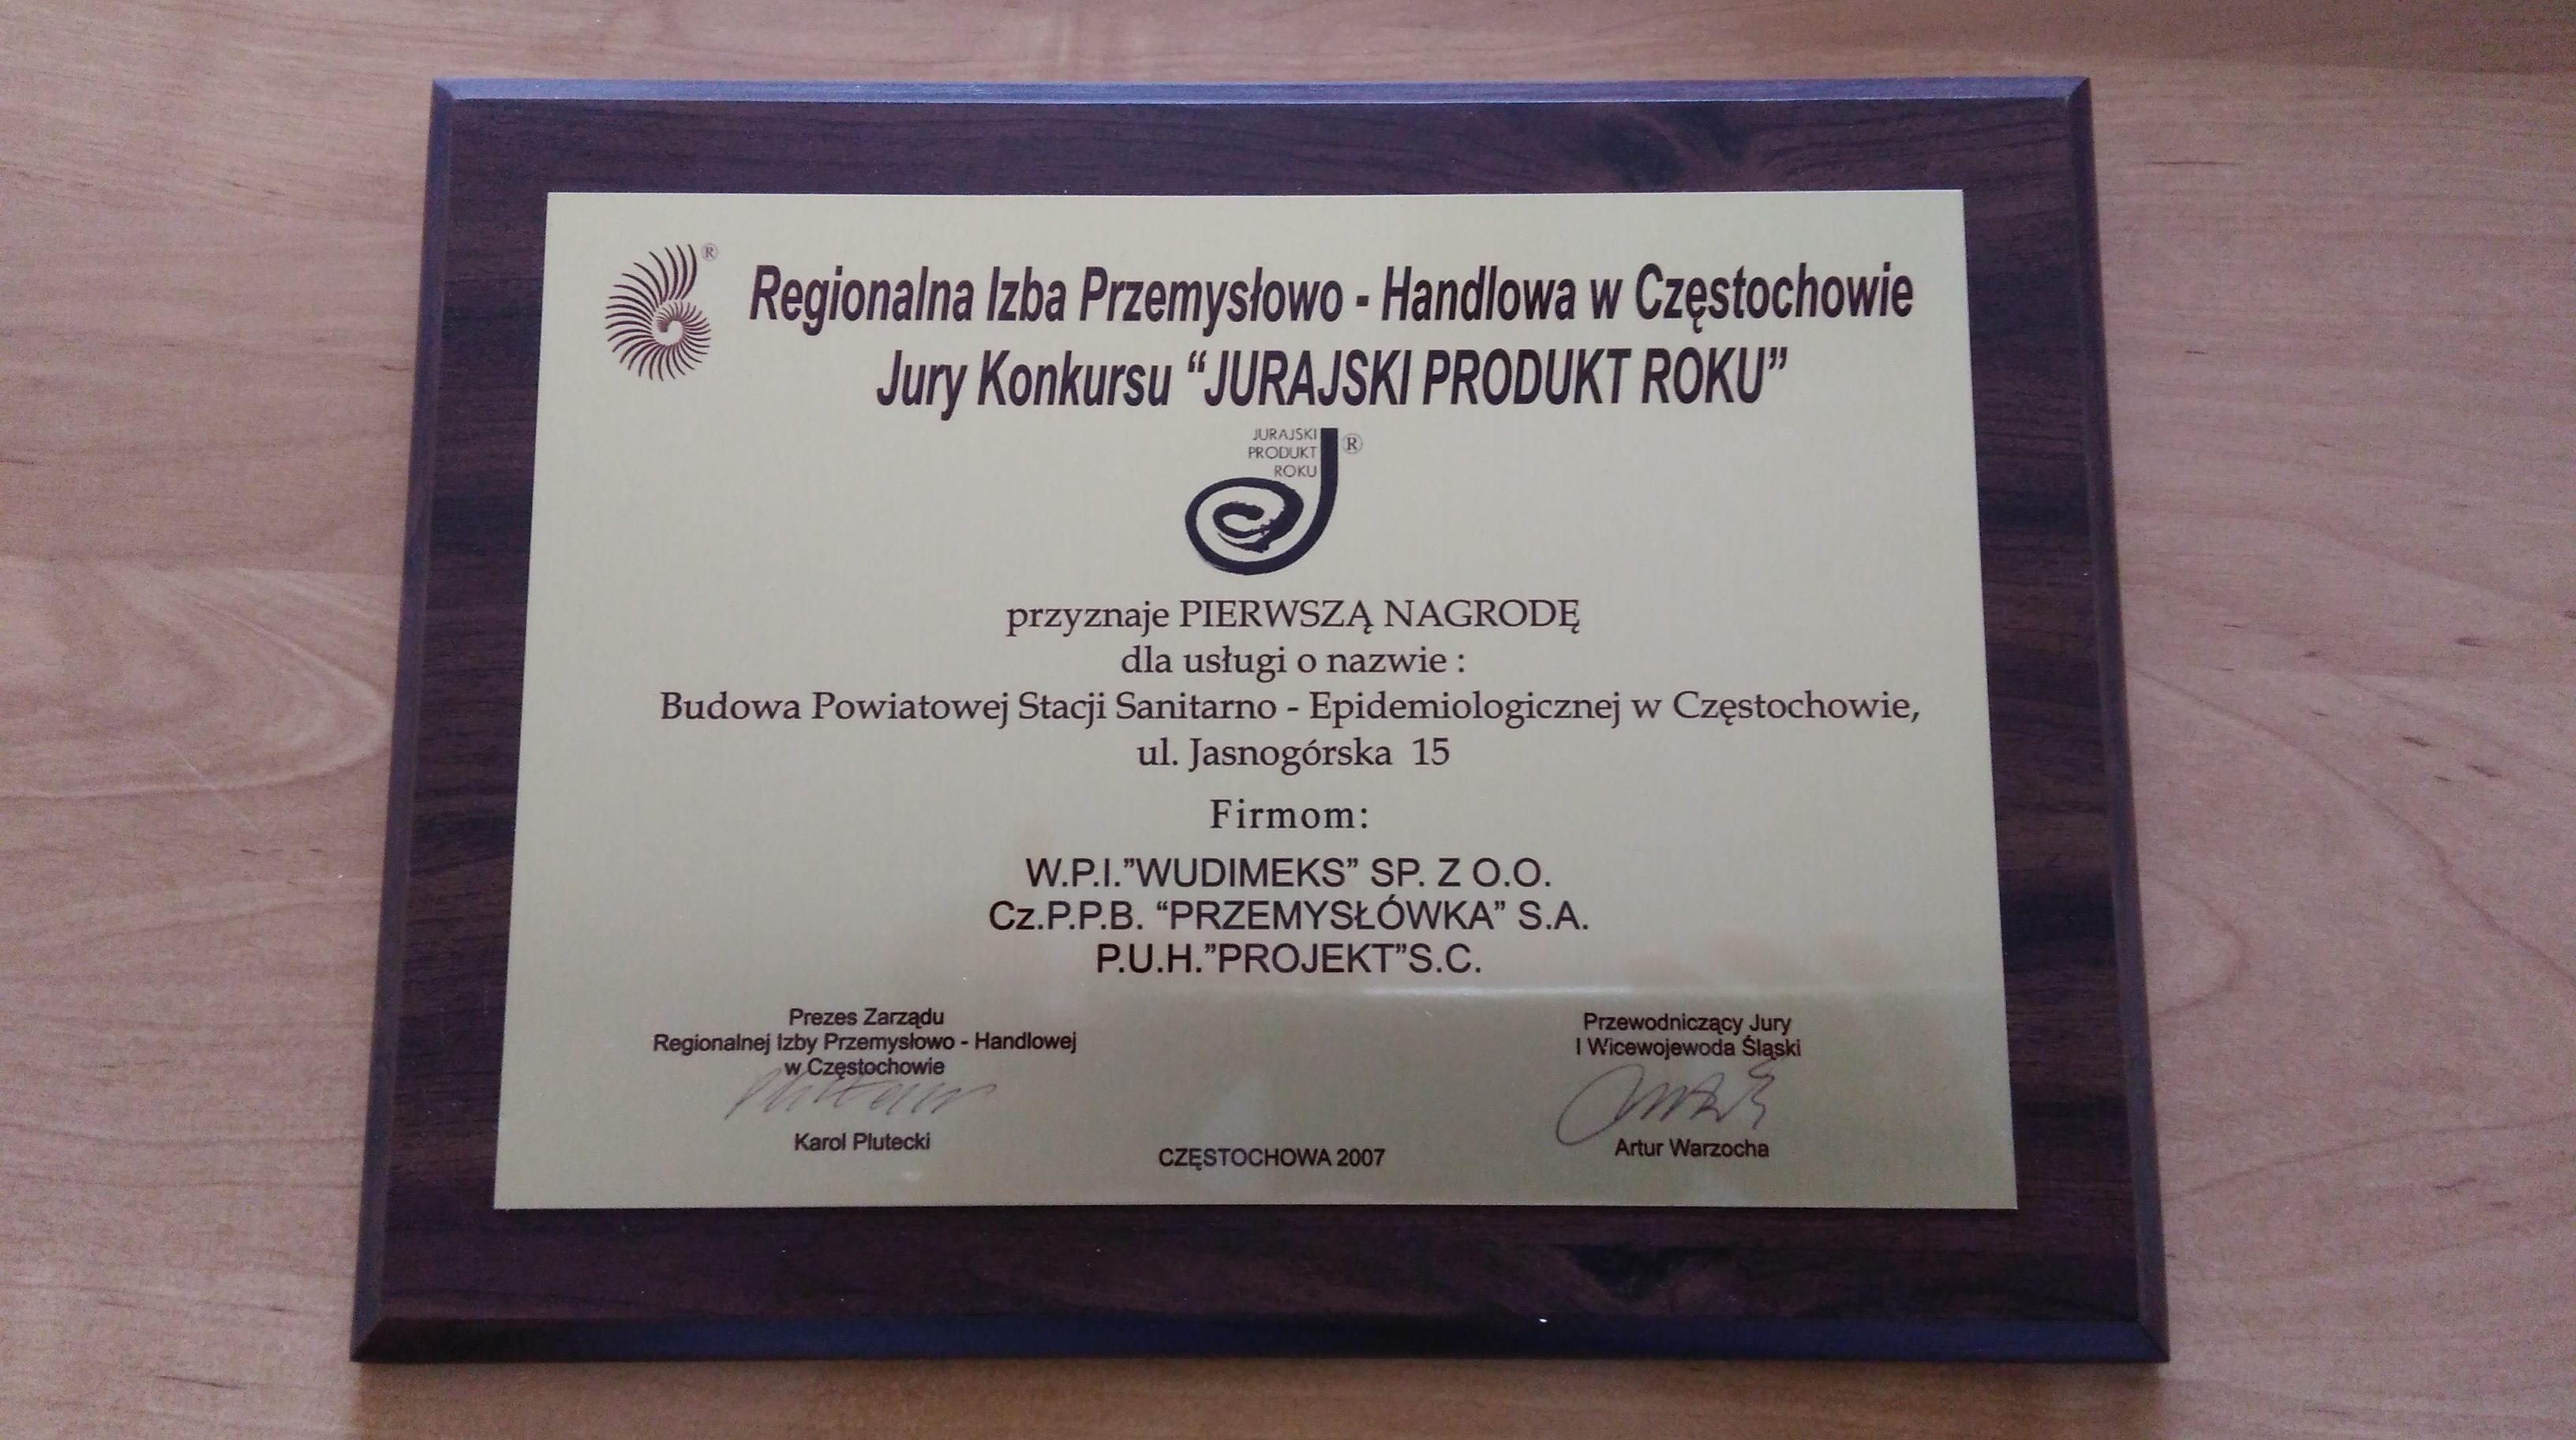 Jurajski Produkt Roku 2007 - Budowa Powiatowej Stacji Sanitarno - Epidemiologicznej w Częstochowie przy ul. Jasnogórskiej 15 - PIERWSZA NAGRODA